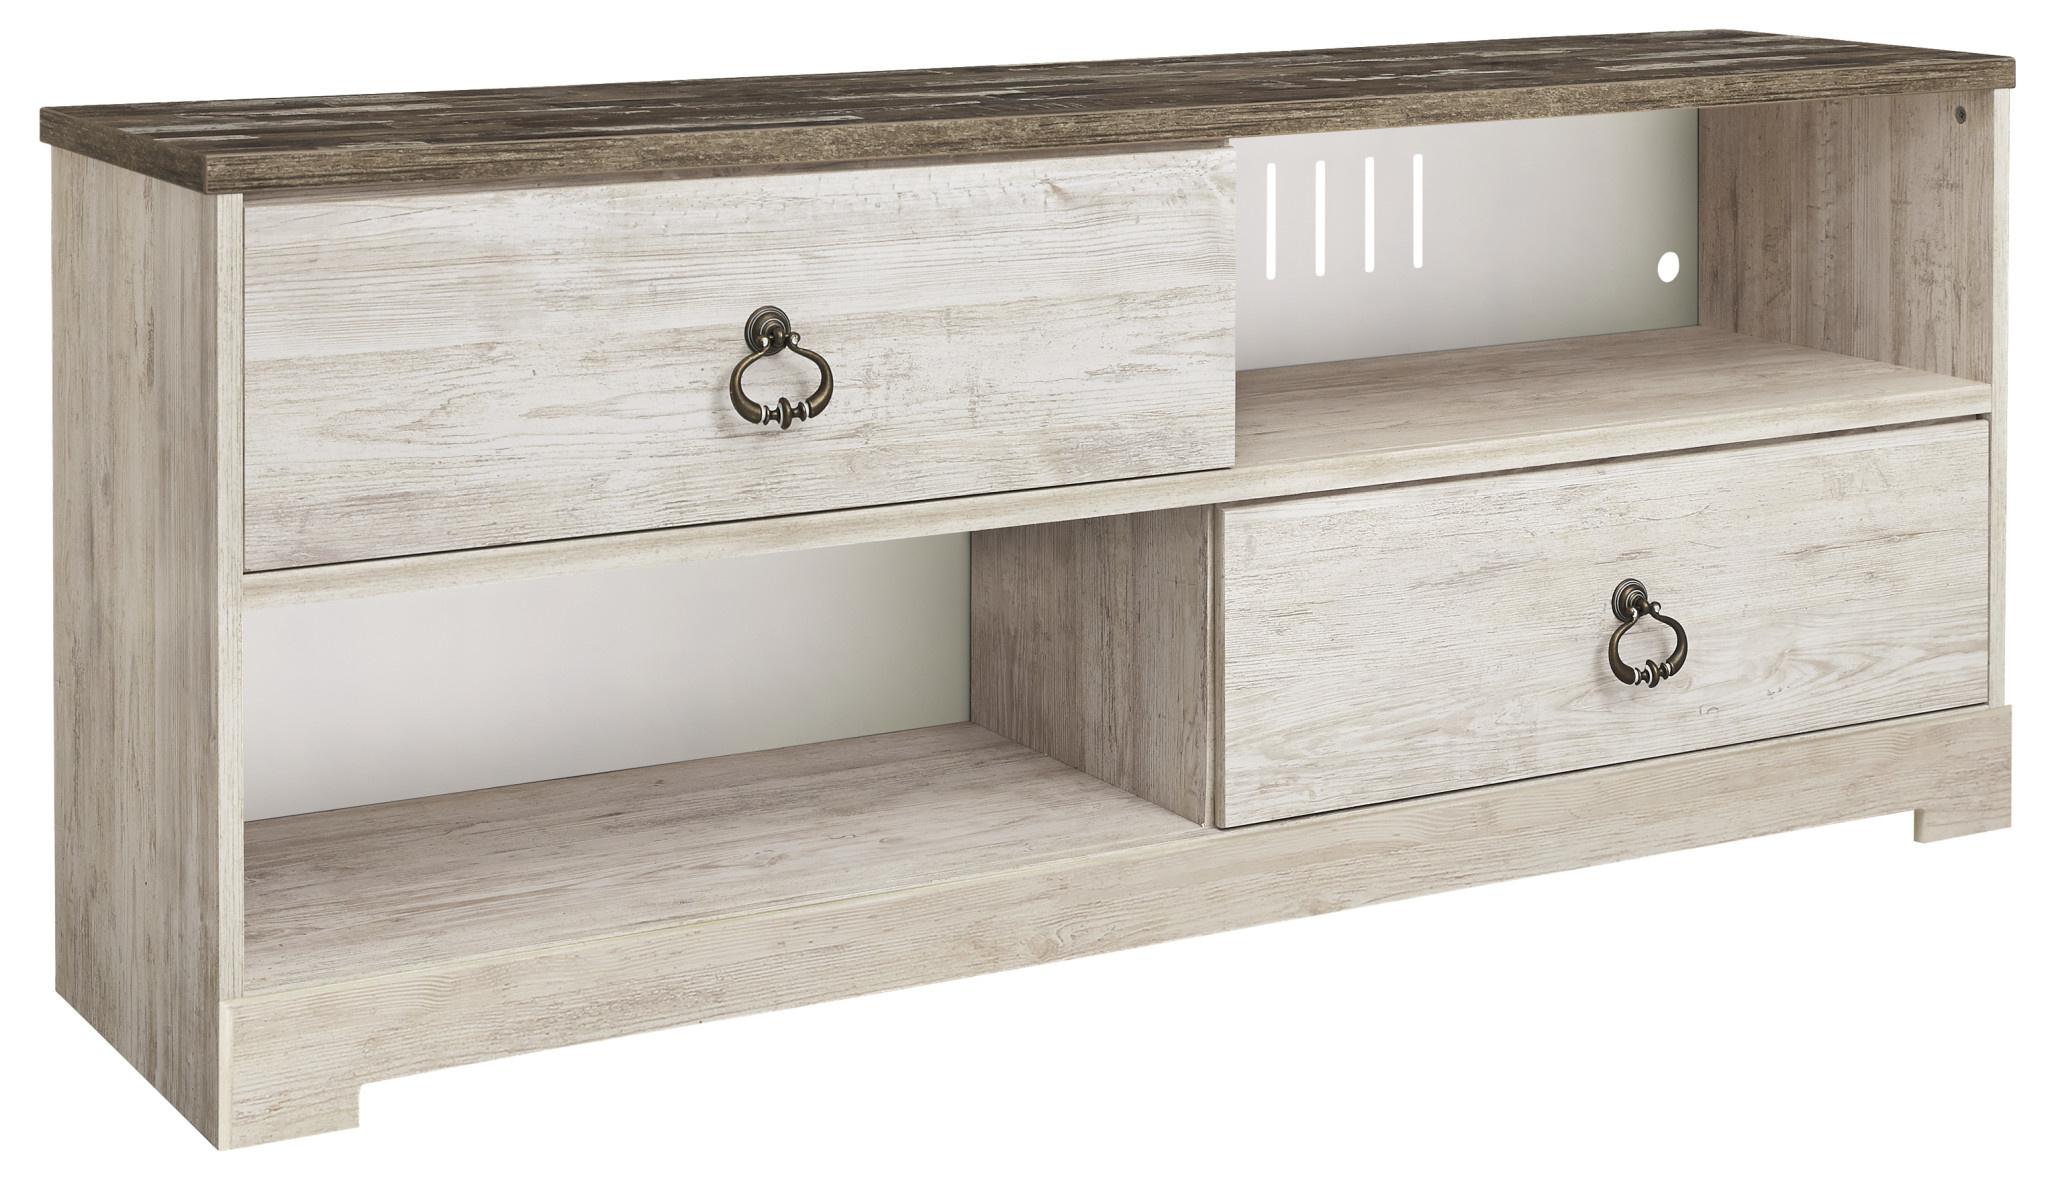 Signature Design Willowton TV Stand- W267-468